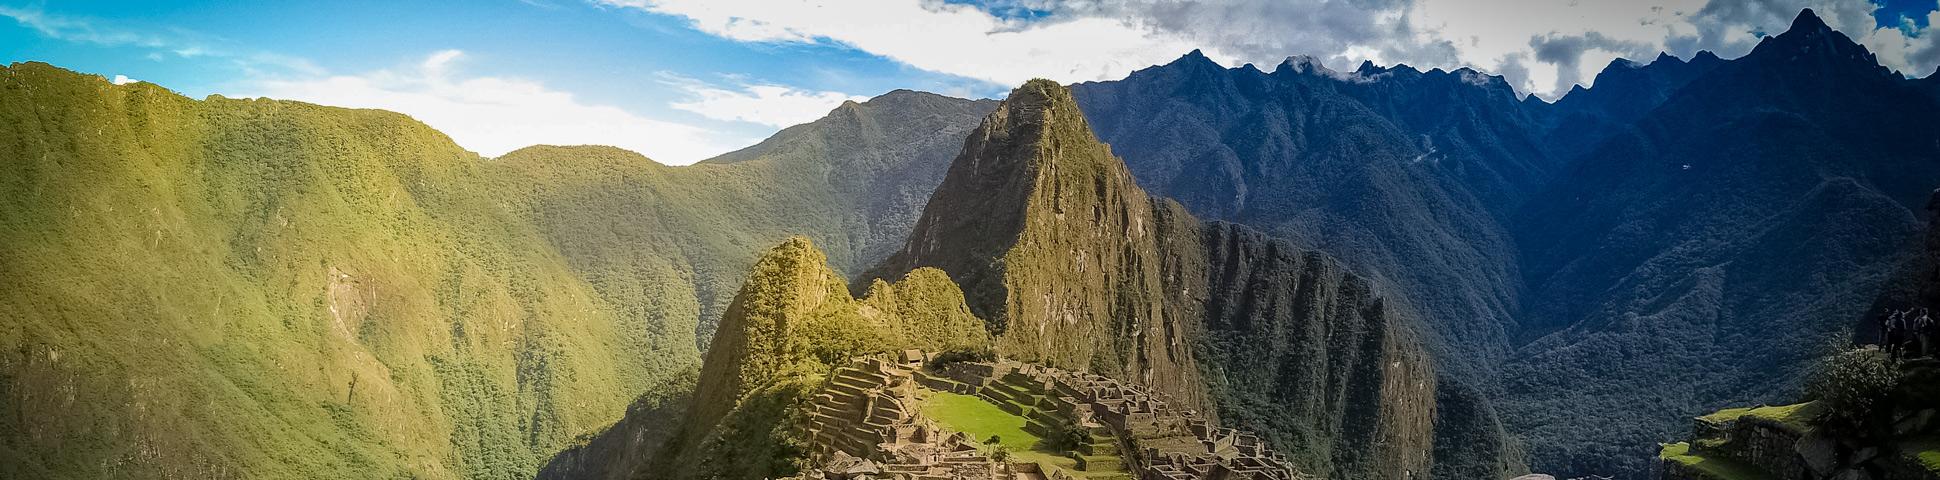 Panoramic view from Salkantay Trek to Machu Picchu